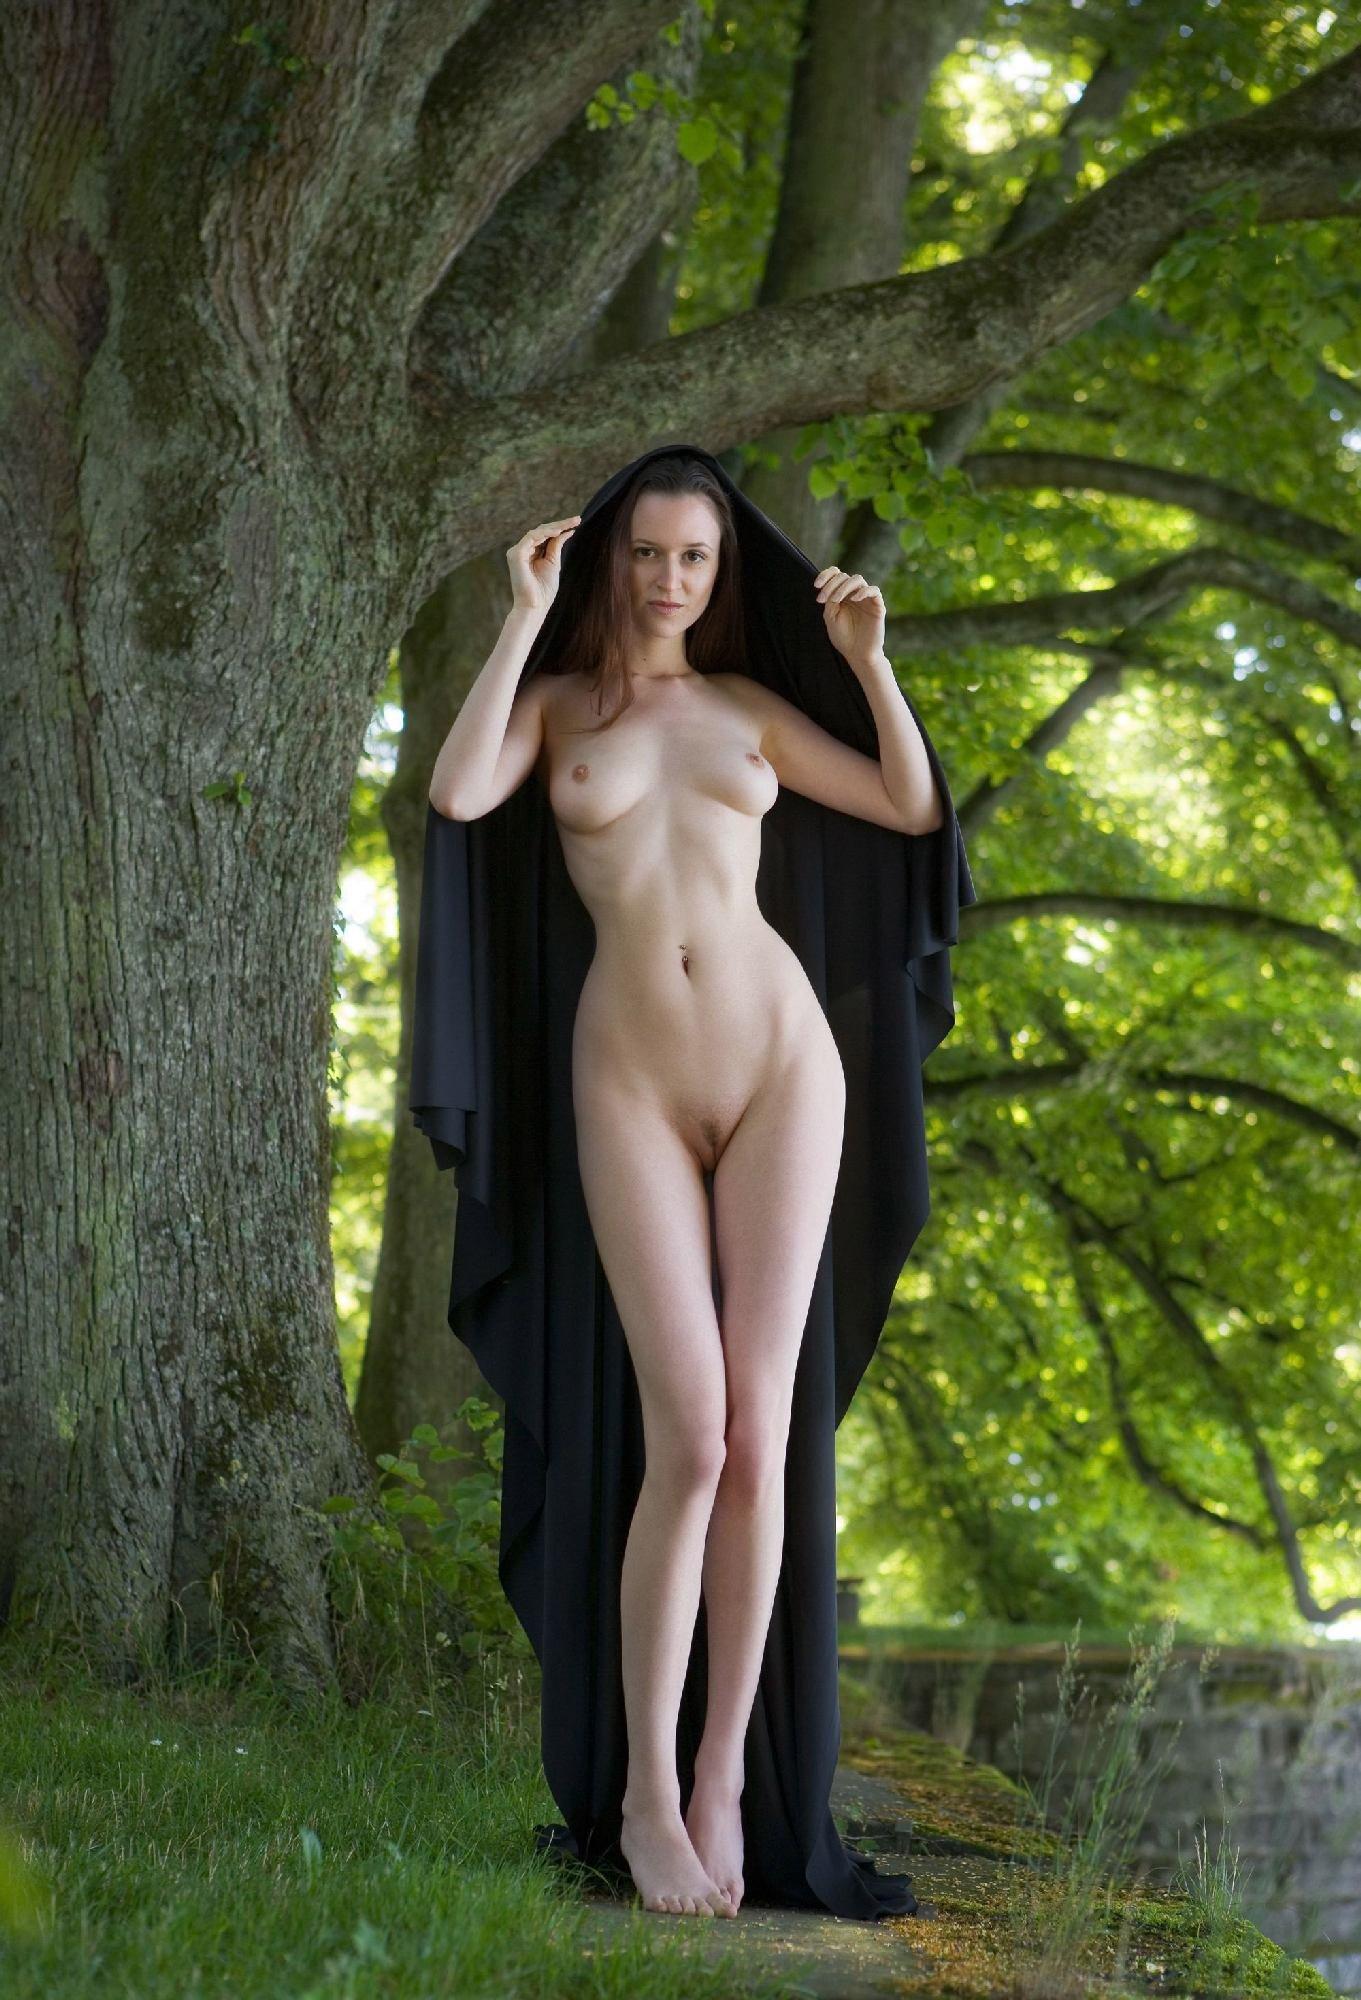 girl-park-girl-nude